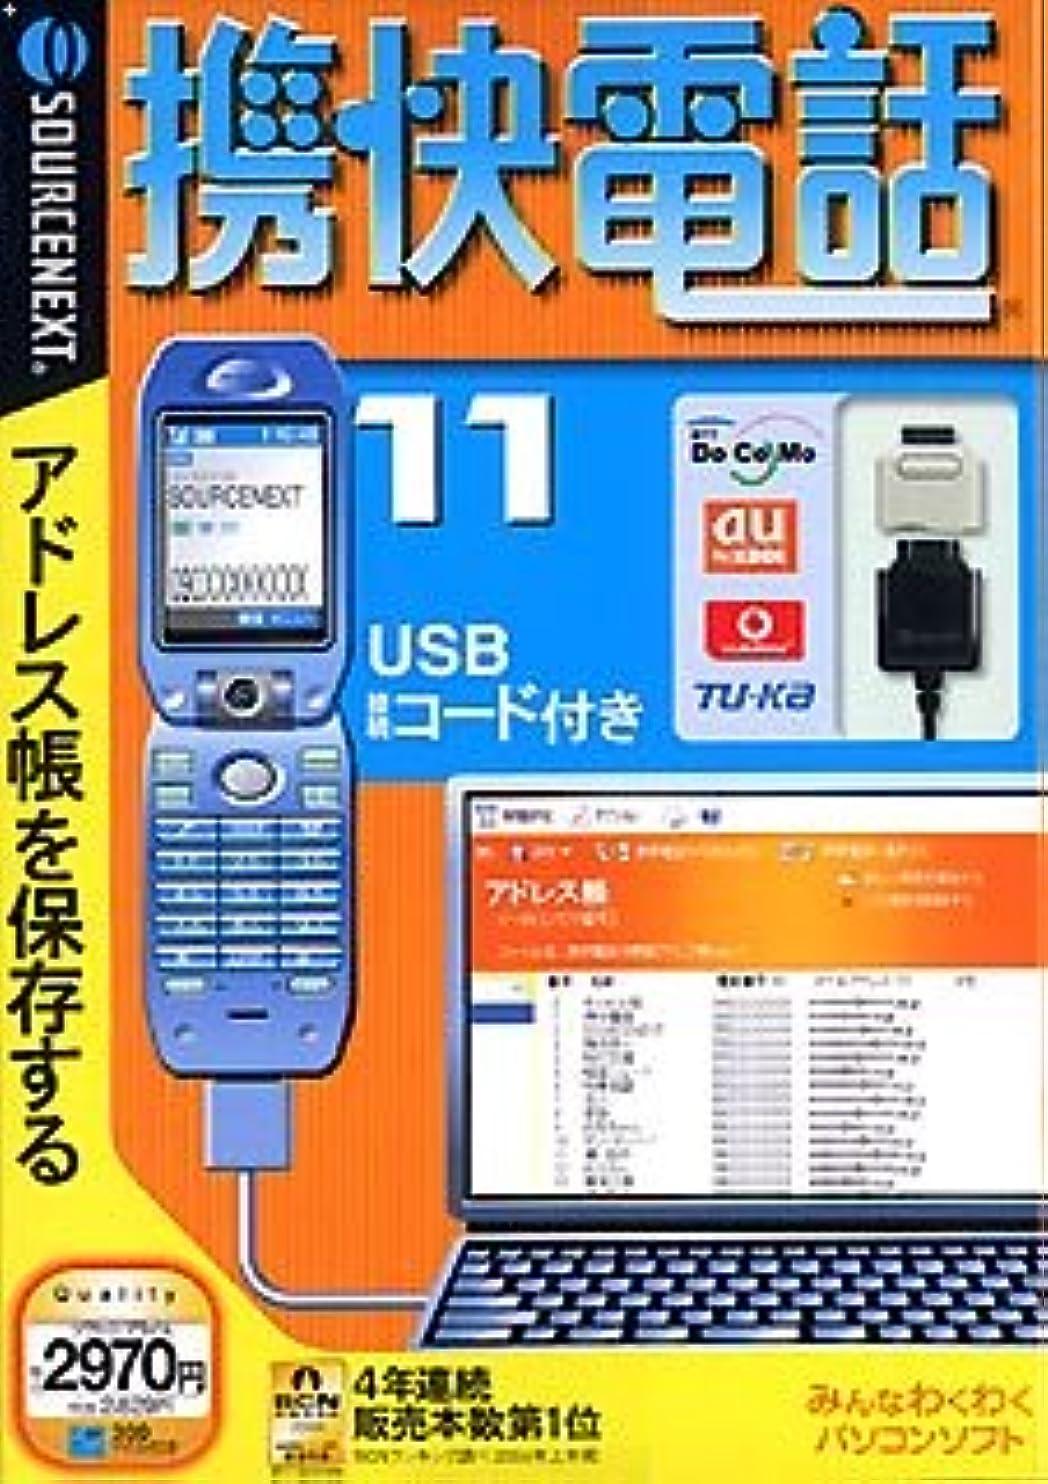 追記外科医保証する携快電話 11 USBコード付き (スリムパッケージ版)